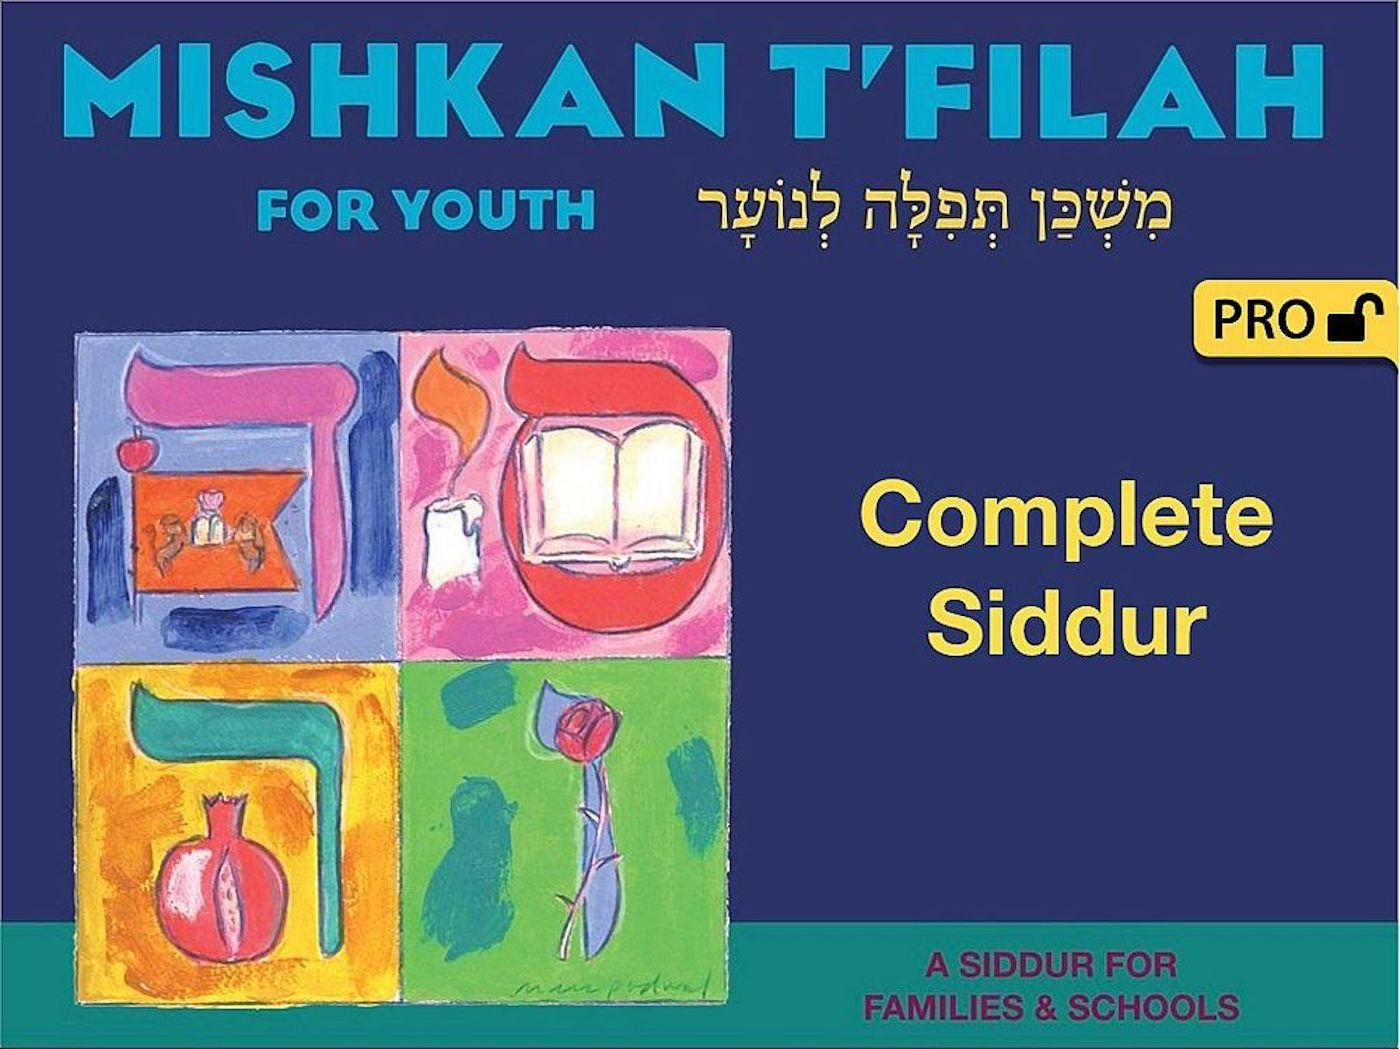 Mishkan T'filah for Youth Visual T'filah (All Pro)